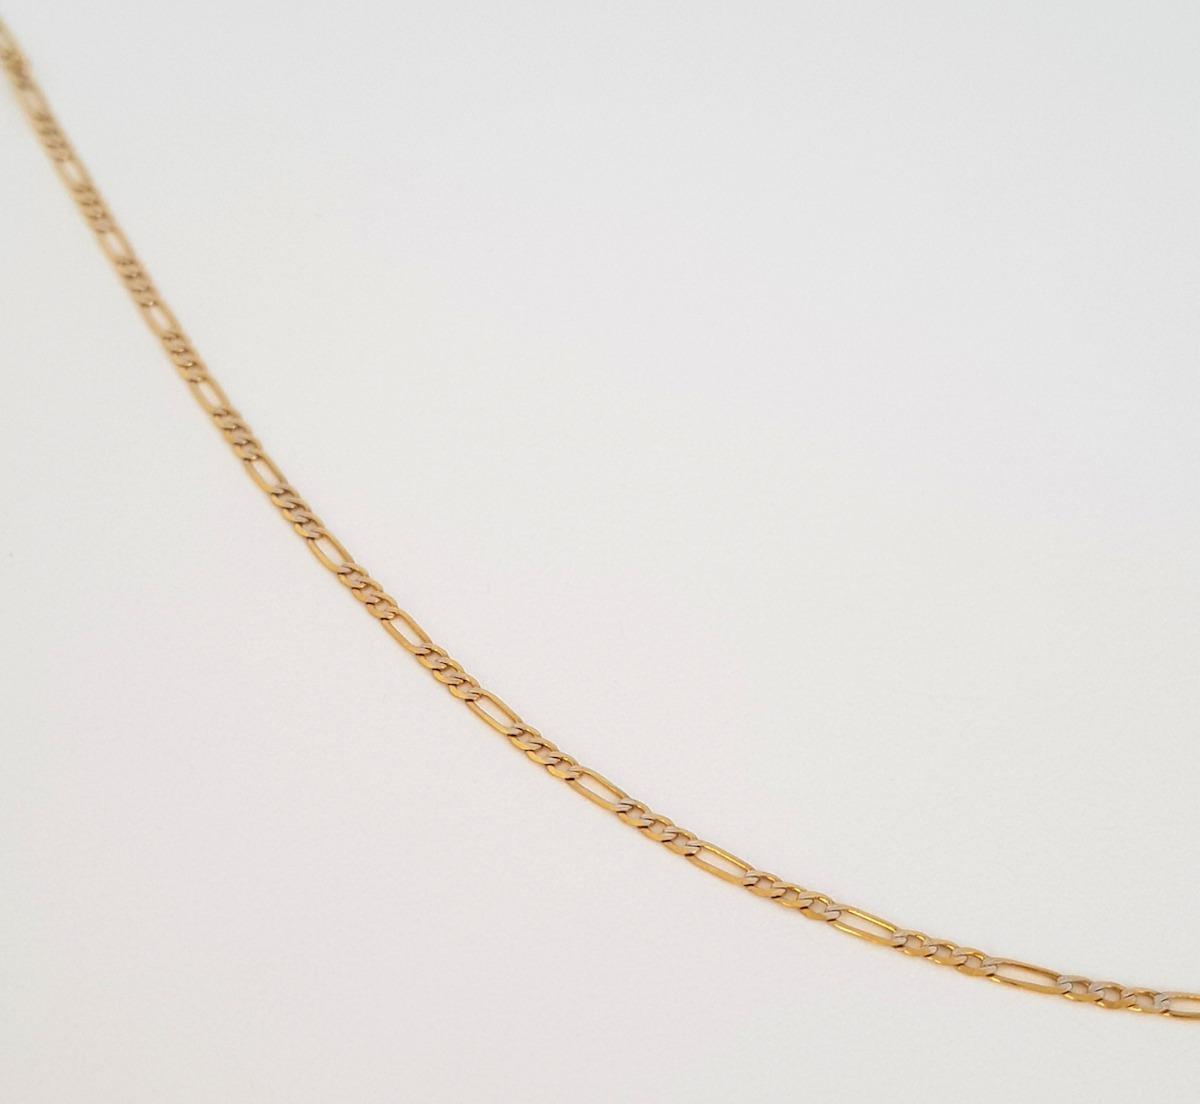 dc55cfefafc1 cadena diamantada oro 40 cm italiano sólido 14k. Cargando zoom.